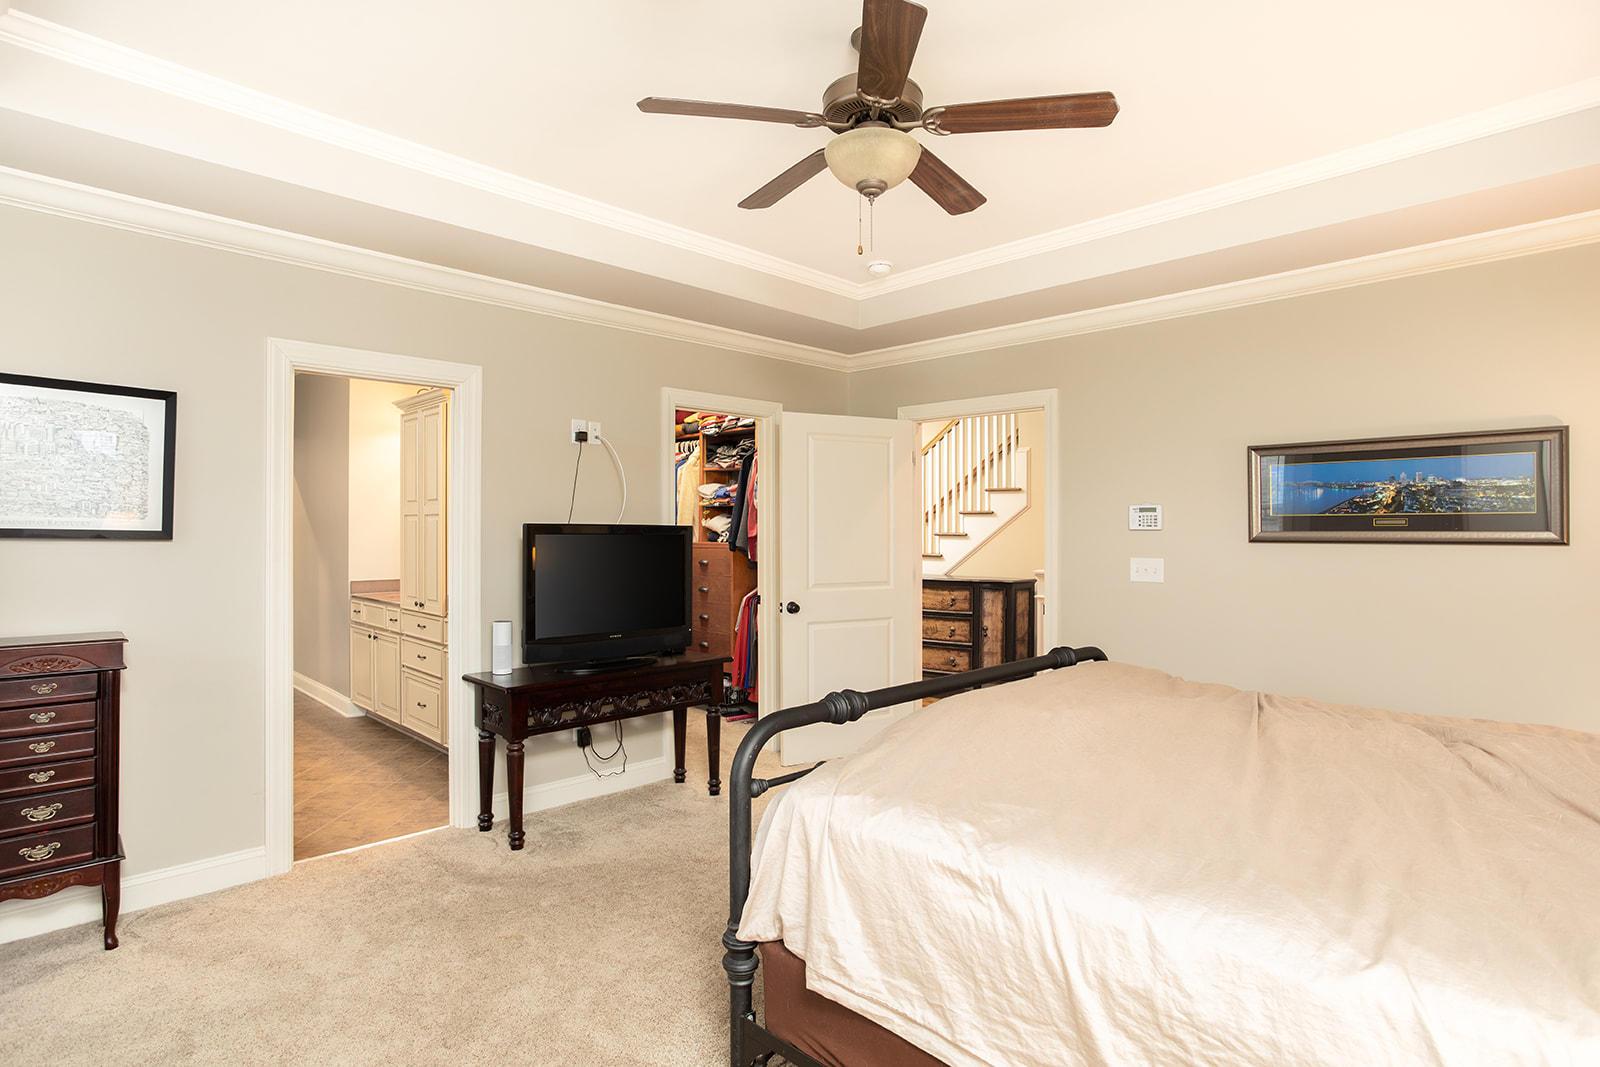 Dunes West Homes For Sale - 3019 Yachtsman, Mount Pleasant, SC - 13